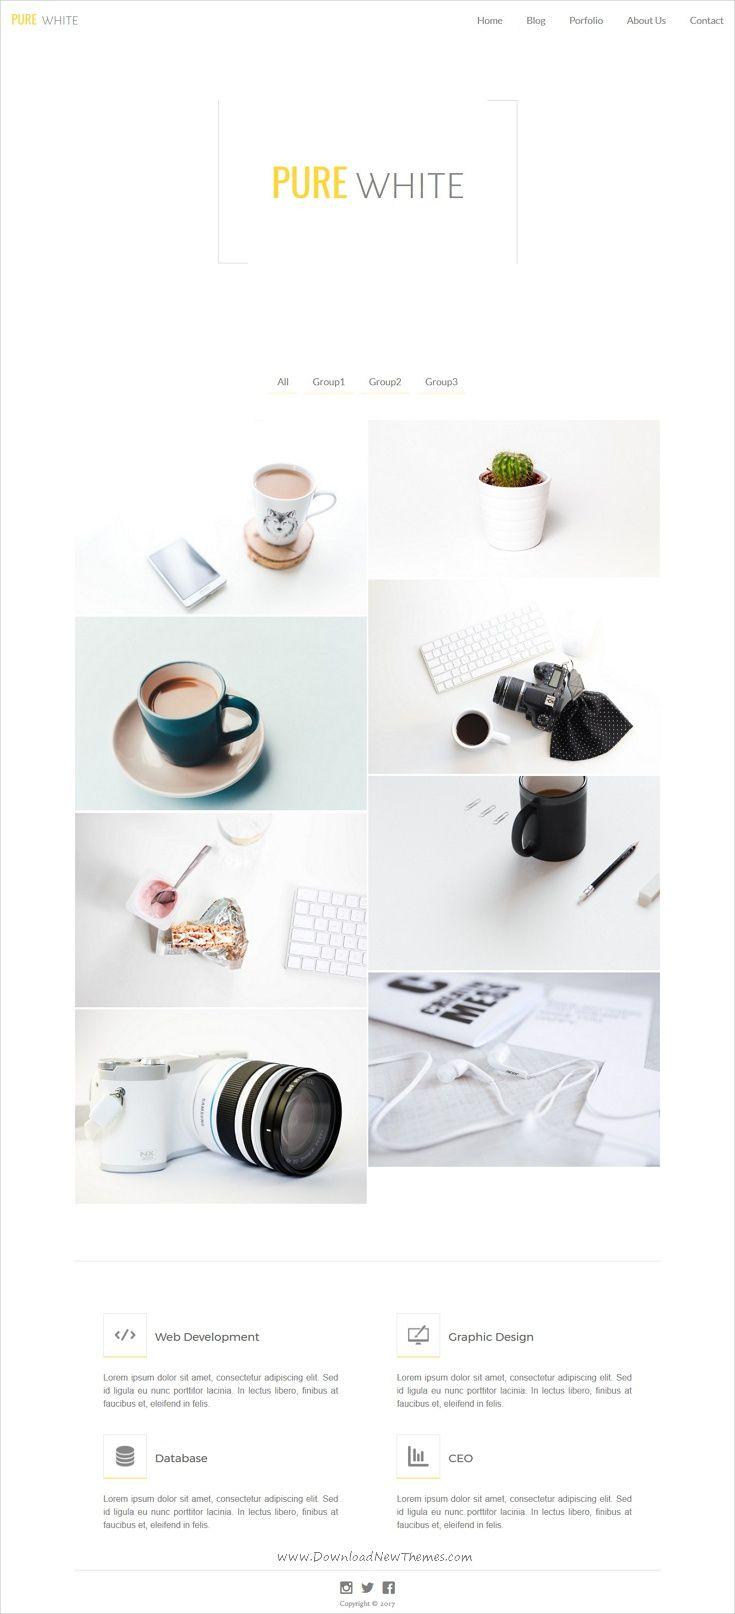 Pure White | Pure white, Template and Web design inspiration